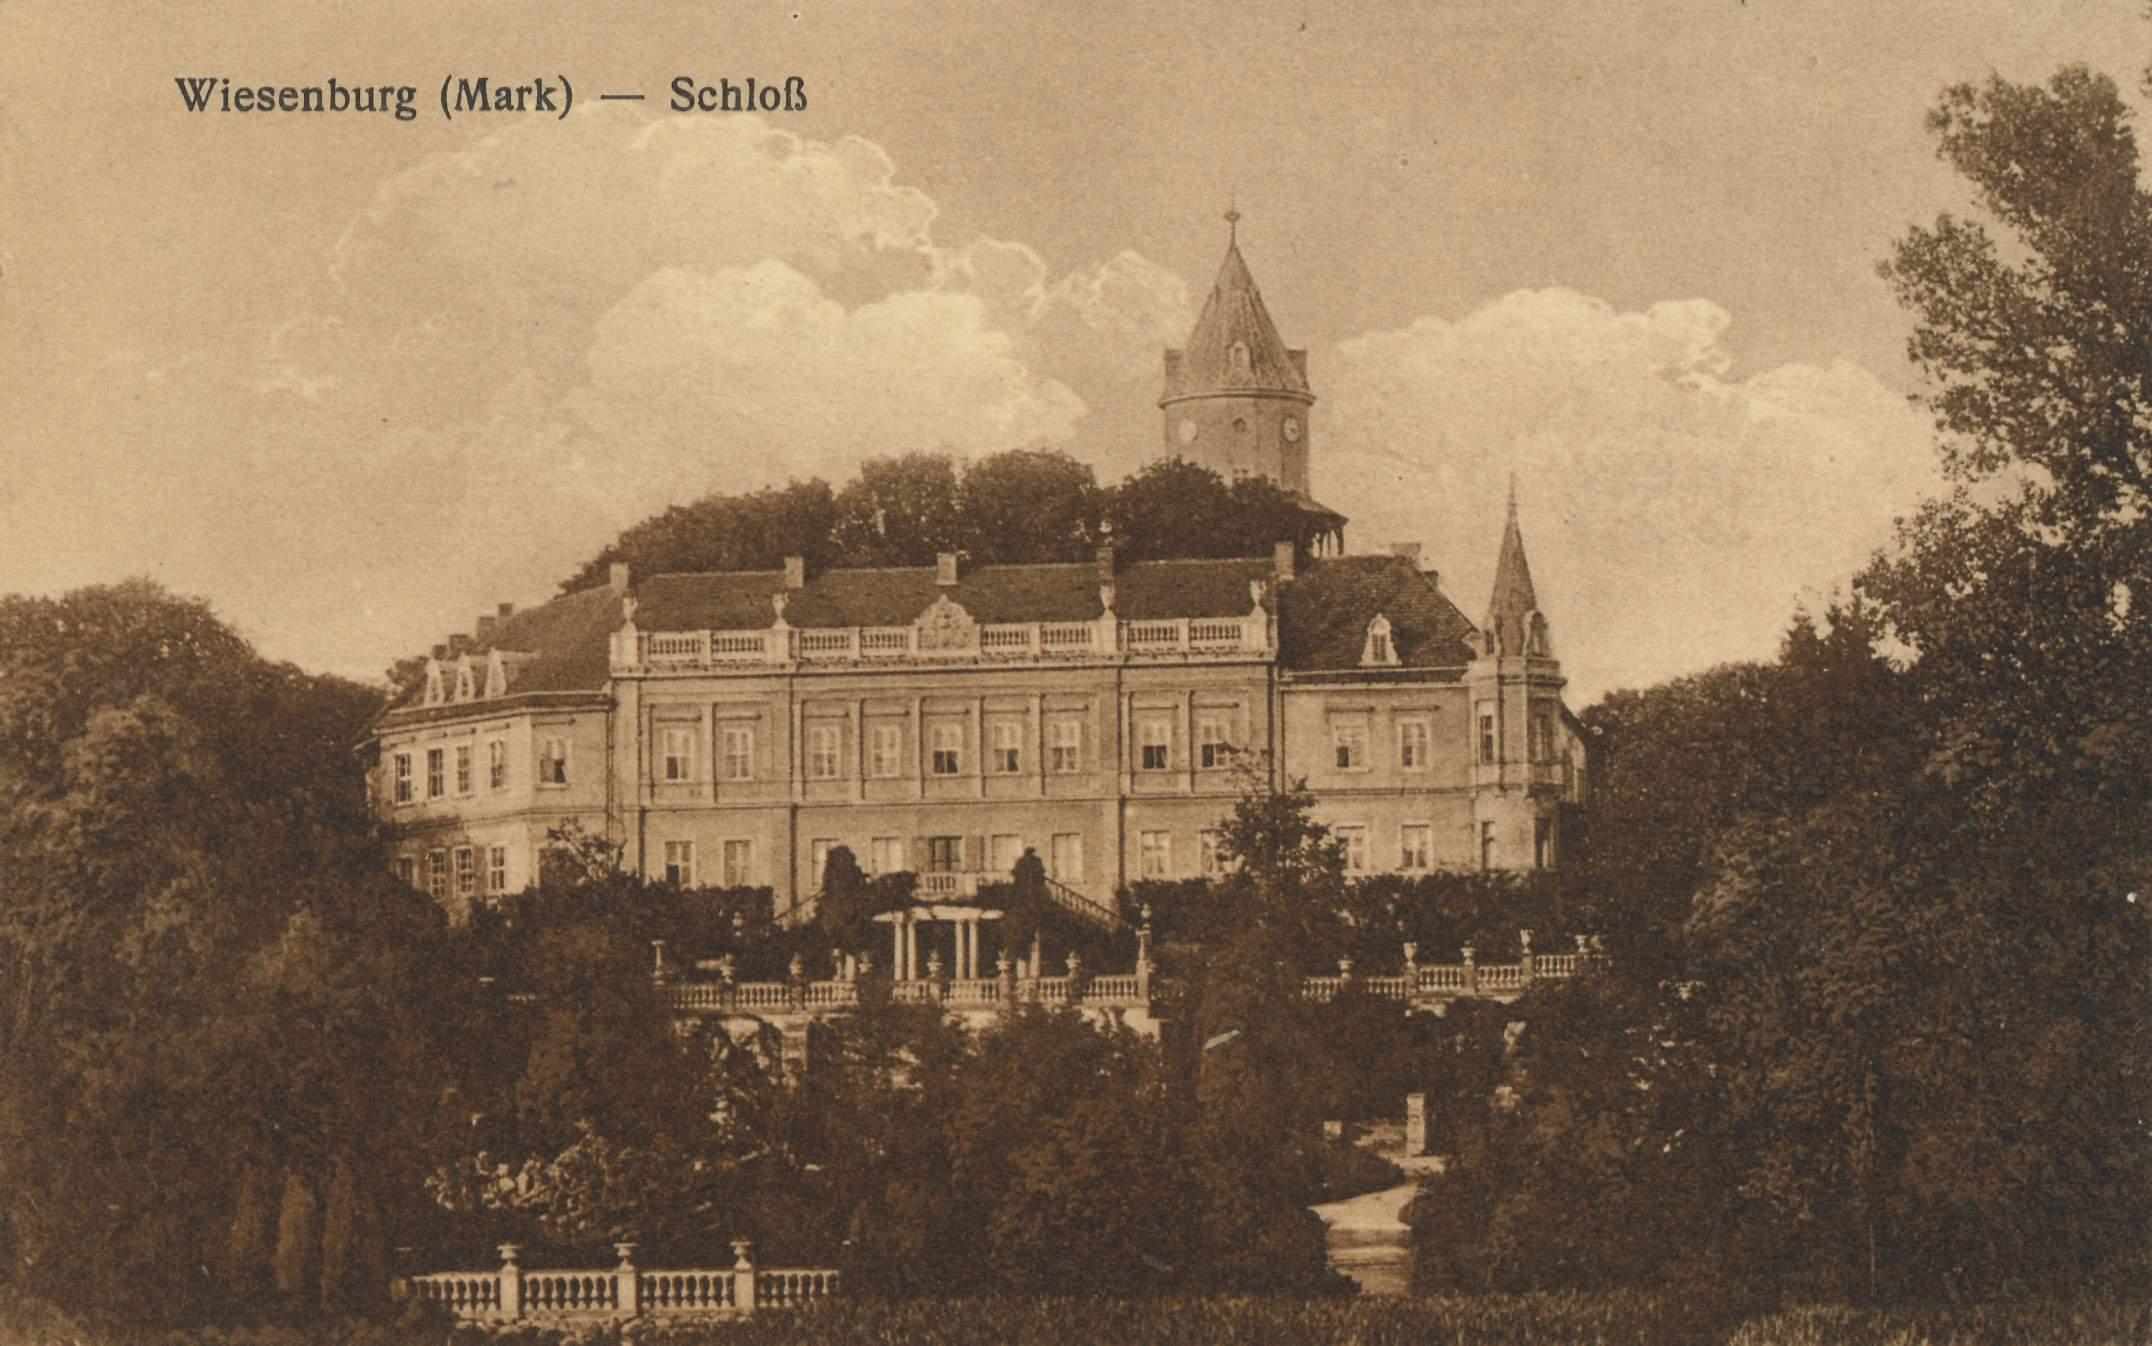 Wiesenburg Mark